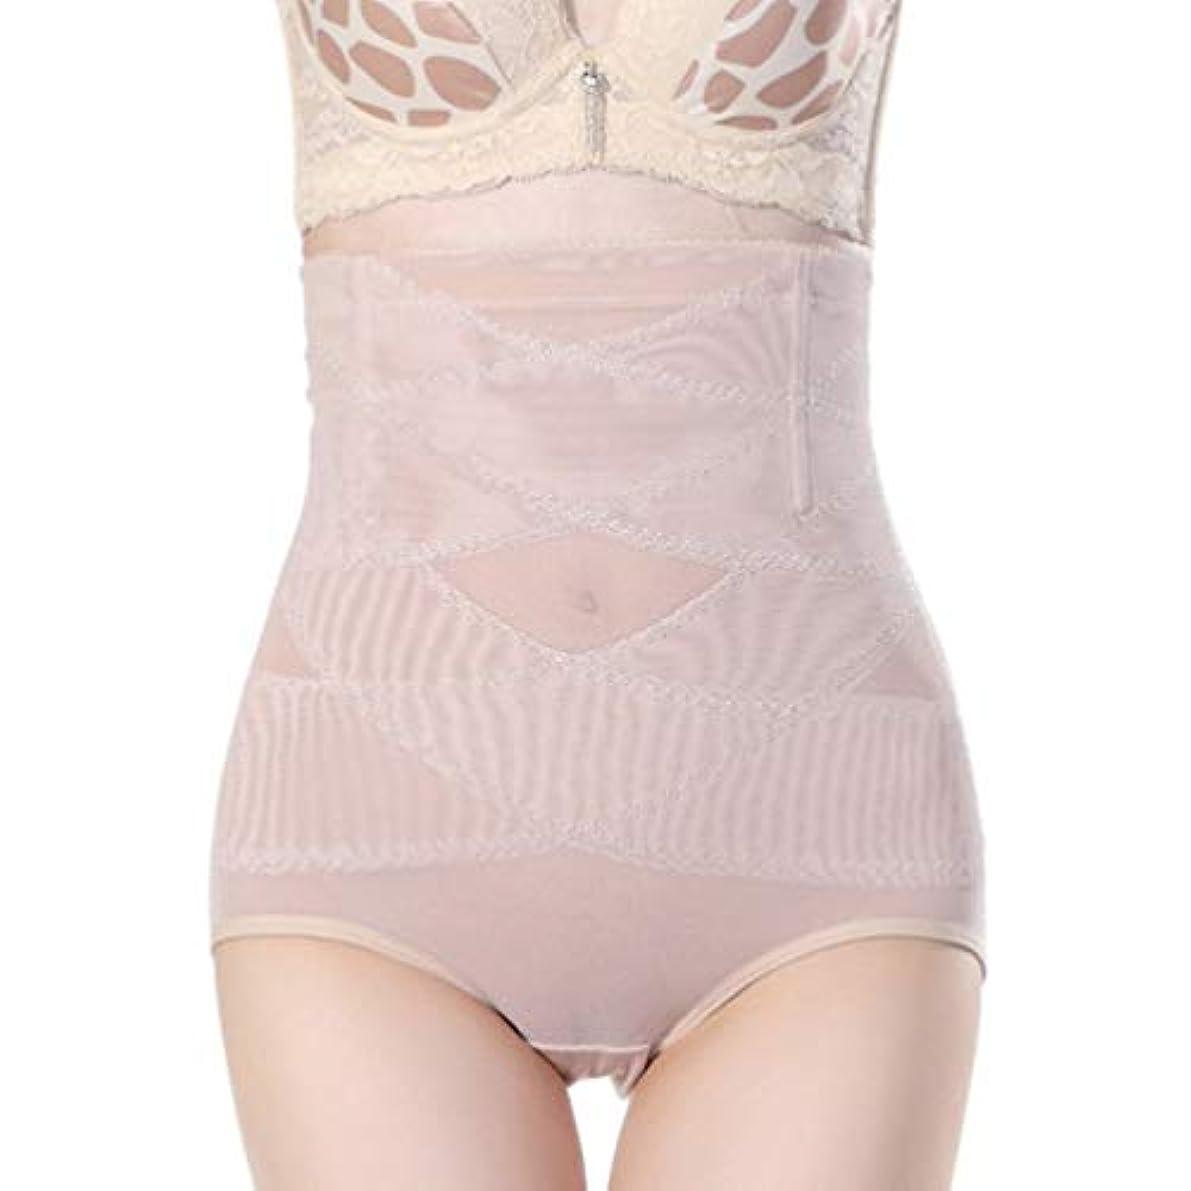 所属クール緩める腹部制御下着シームレスおなかコントロールパンティーバットリフターボディシェイパーを痩身通気性のハイウエストの女性 - 肌色L